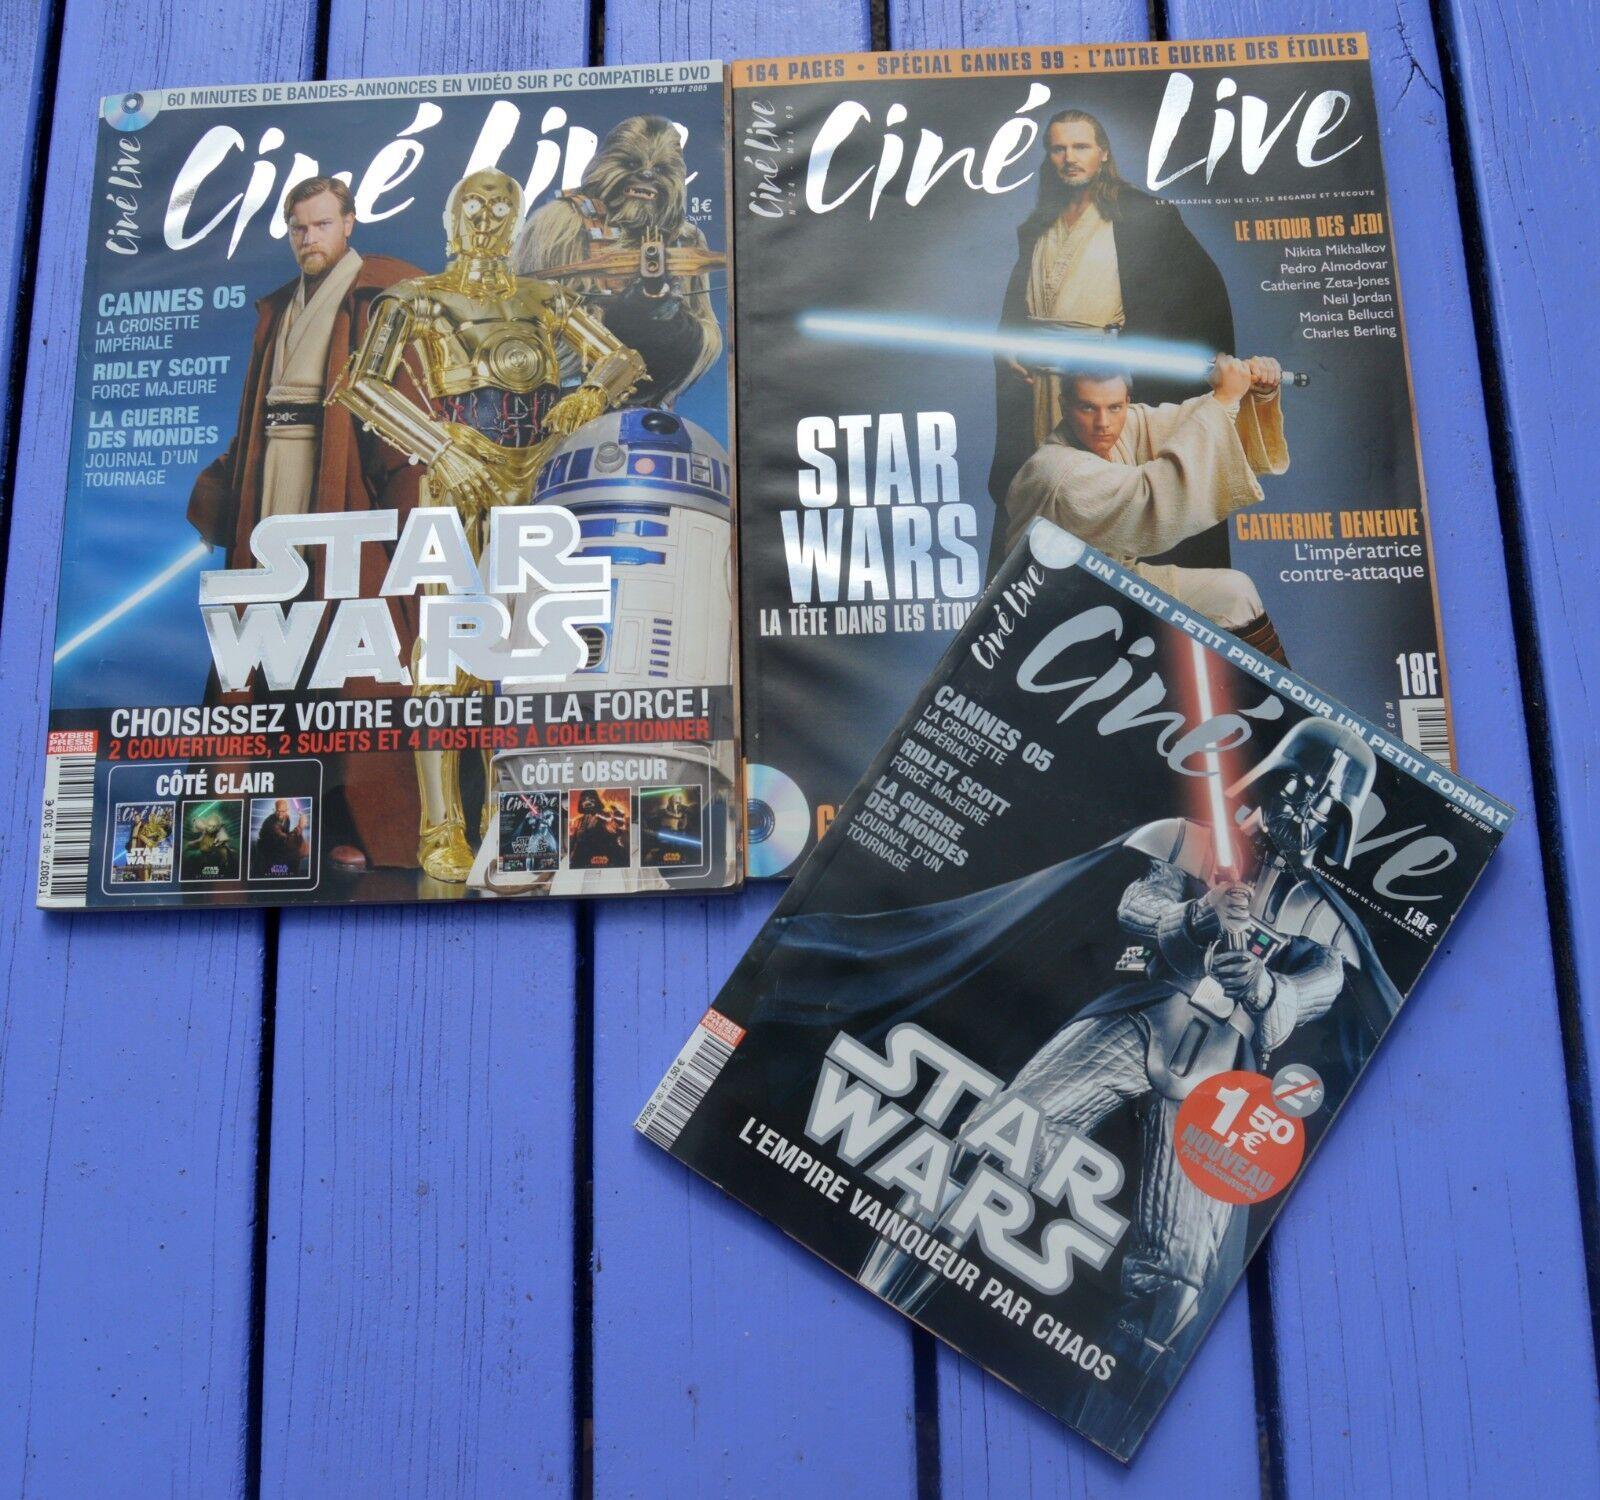 Lot de 4 cine live spécial star wars, n°24 et 90 x 2 (un format kindle)